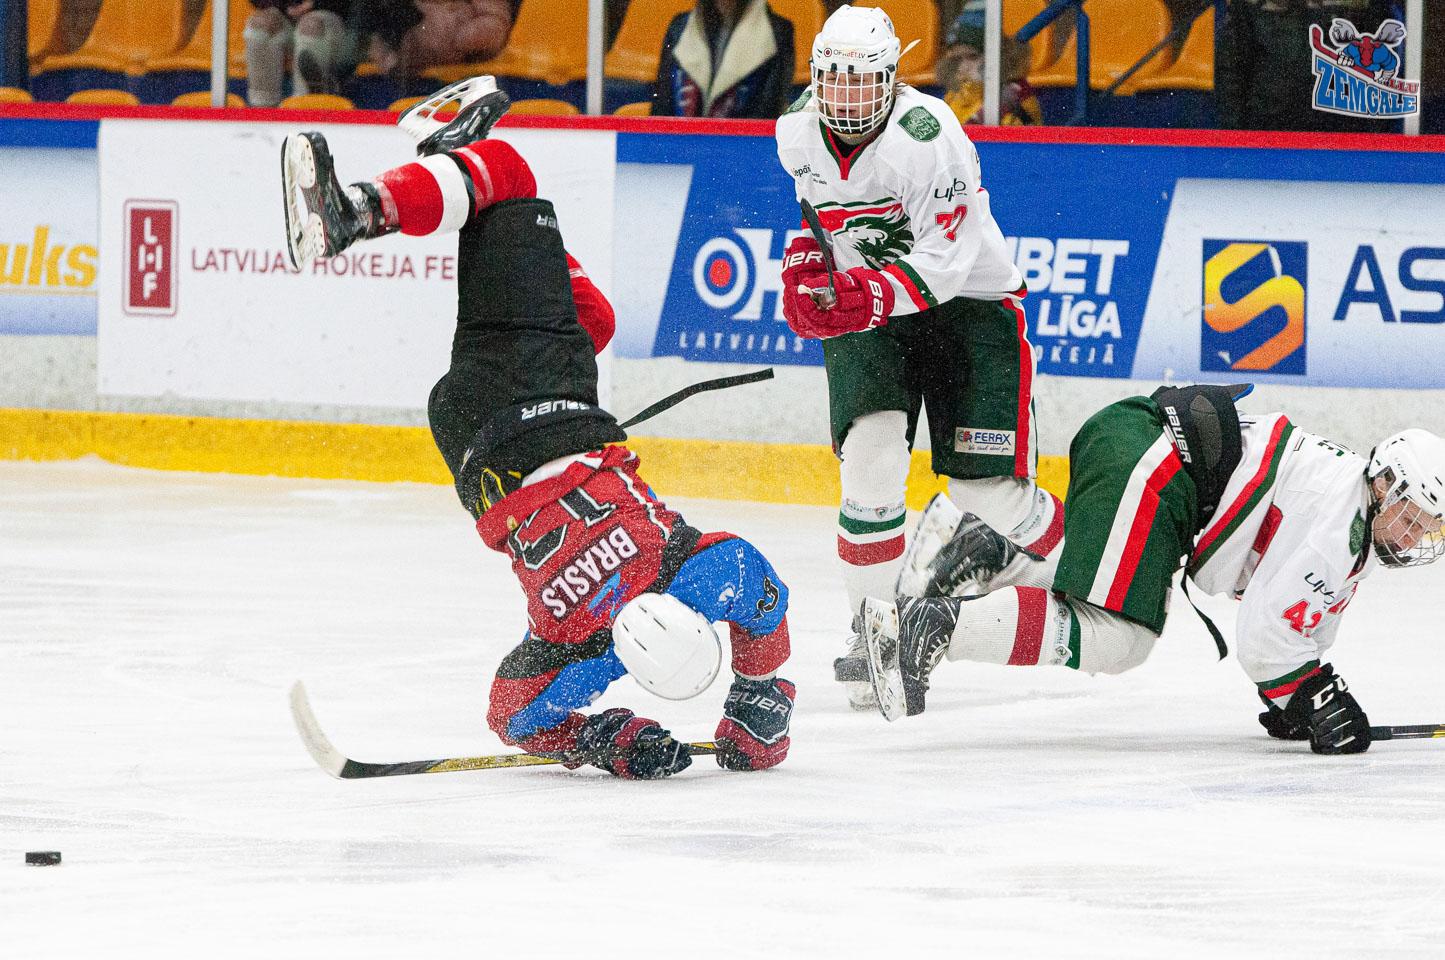 """Jaunatnes attīstības hokeja līgas (JAHL) regulārā čempionāta spēle starp """"Zemgale Juniors"""" un """"Liepāja SSS"""" Jelgavas ledus hallē 2020. gada 19. janvārī.   Foto: Ruslans Antropovs / rusantro.com"""